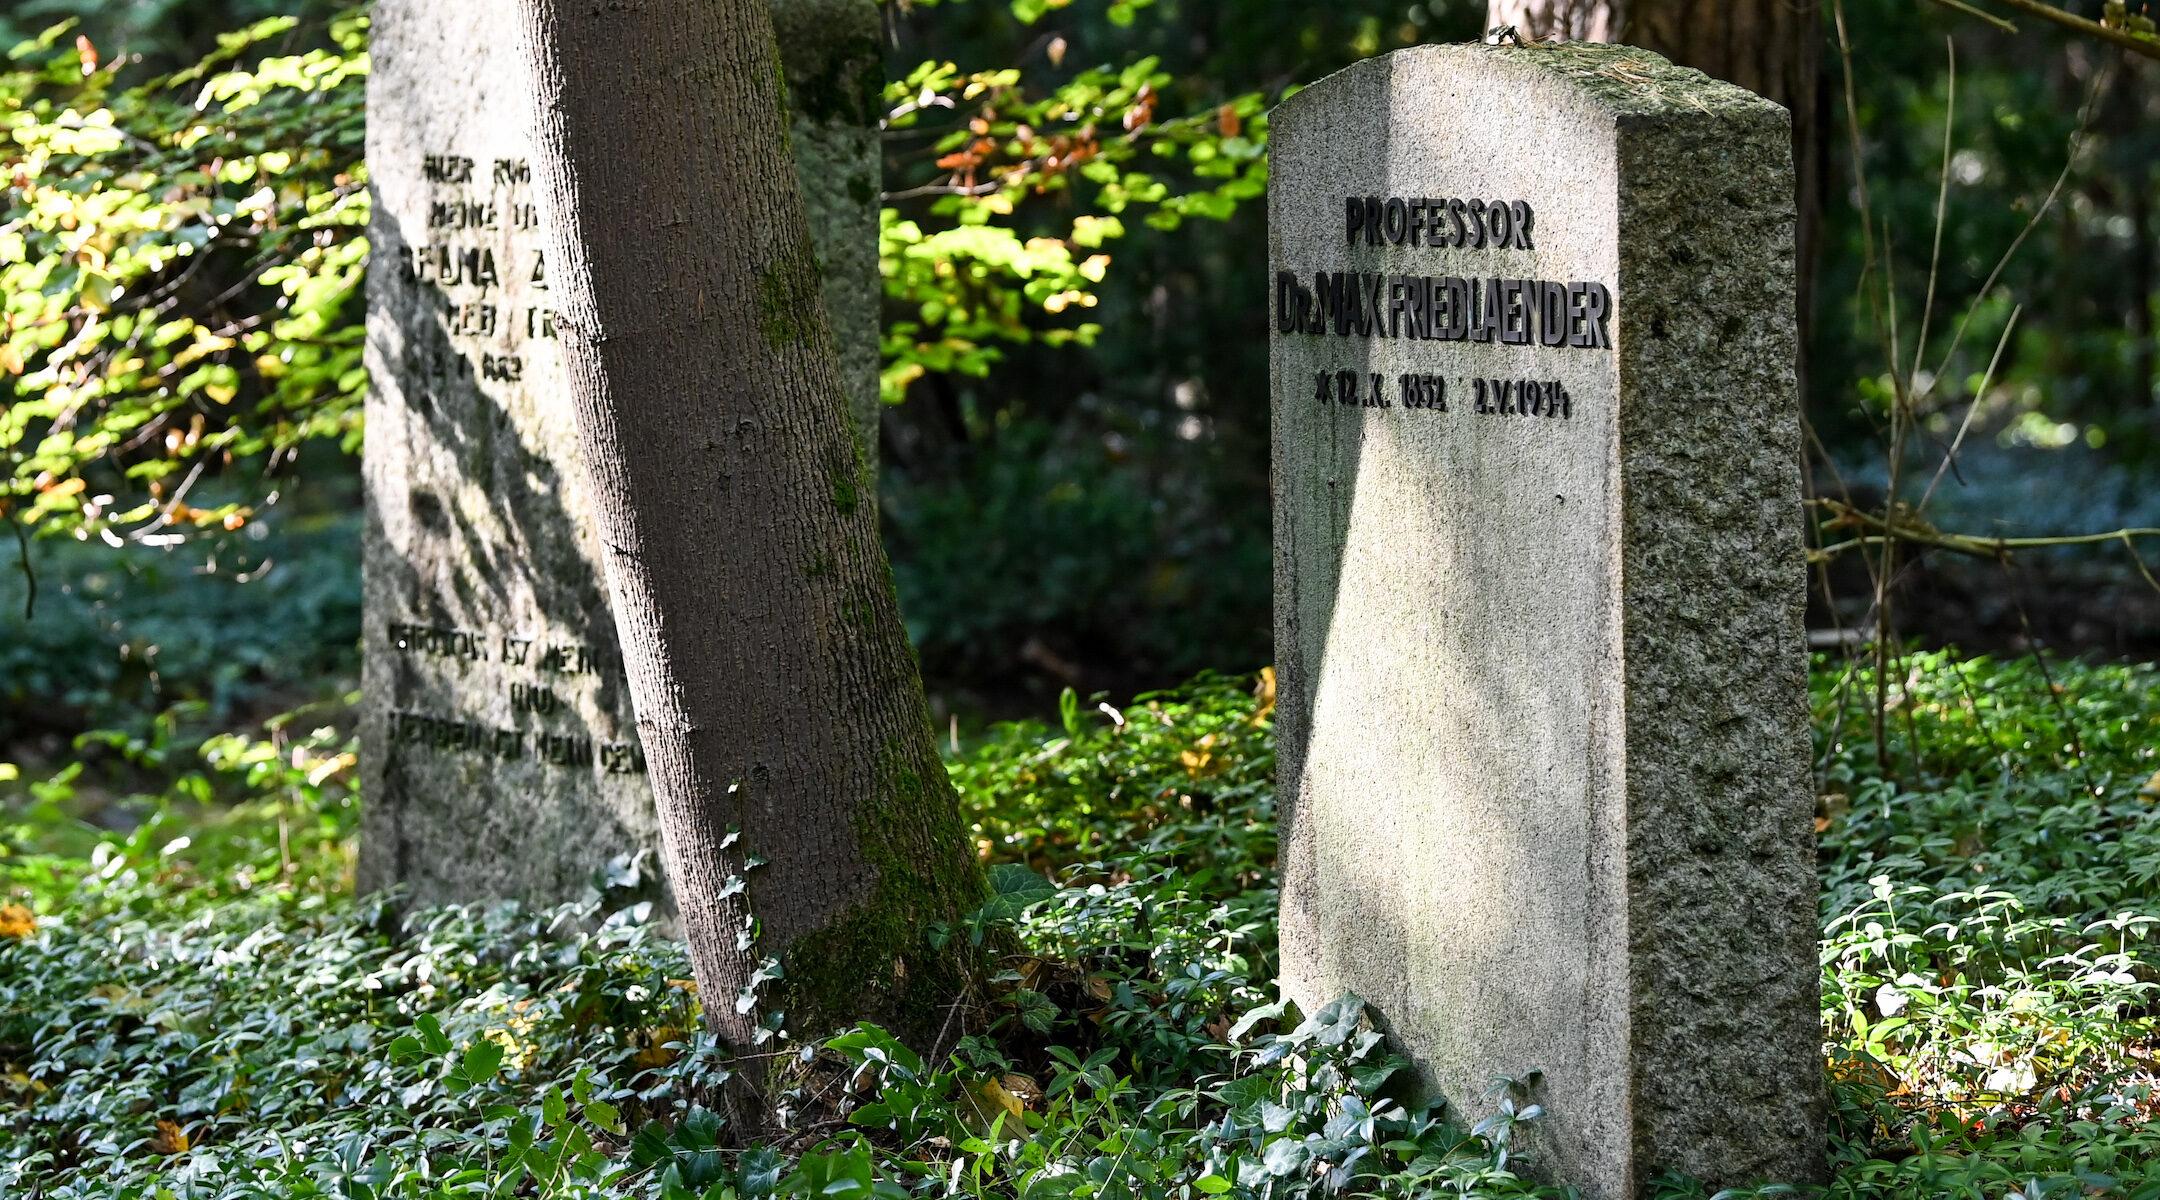 Friedländer grave Berlin neo-nazi